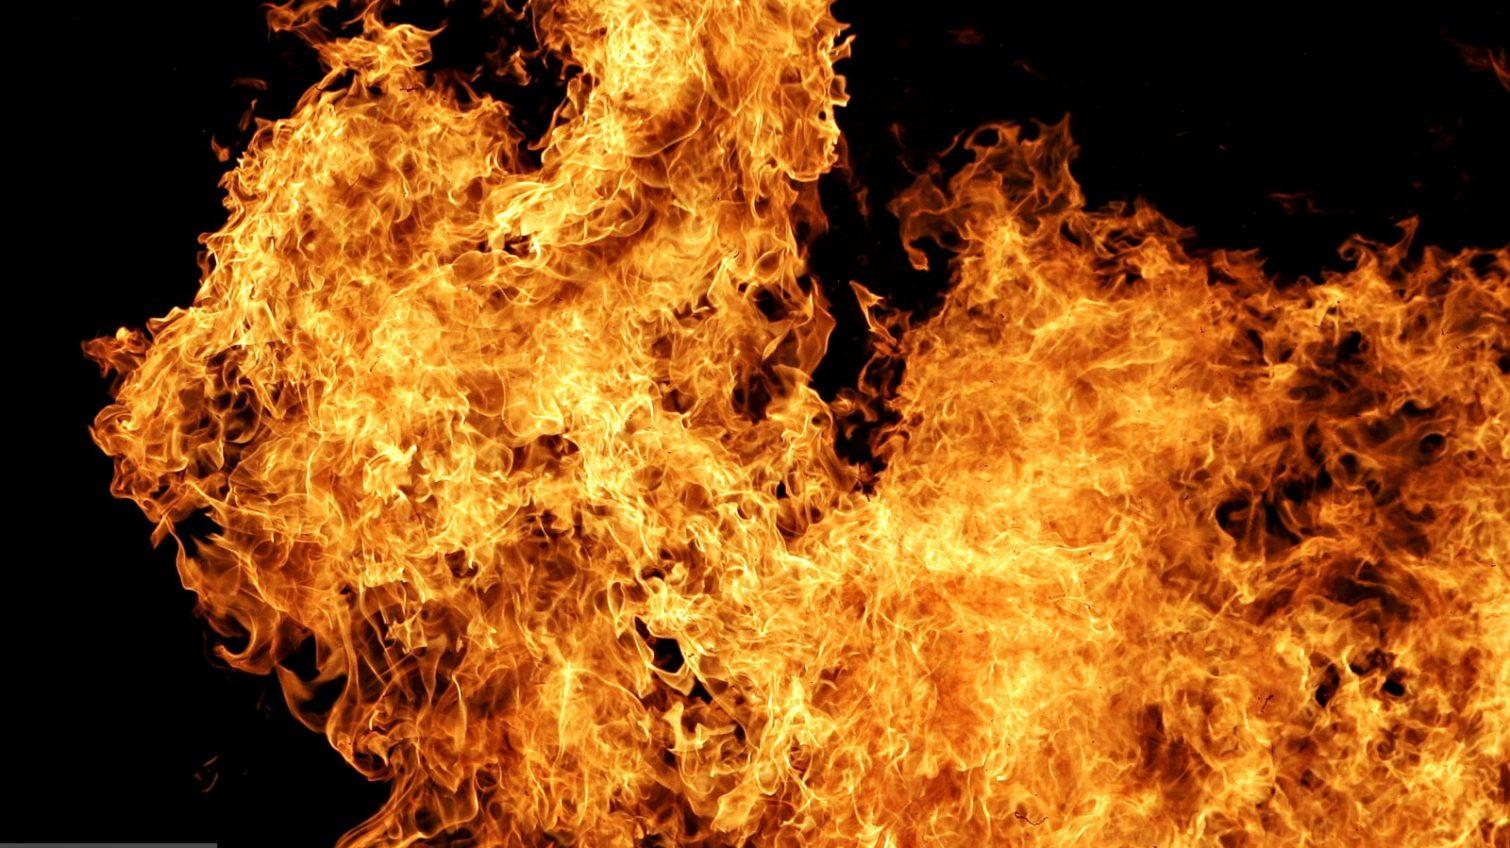 Пожарные спасли мужчину из загоревшегося дома в Подольске «фото»